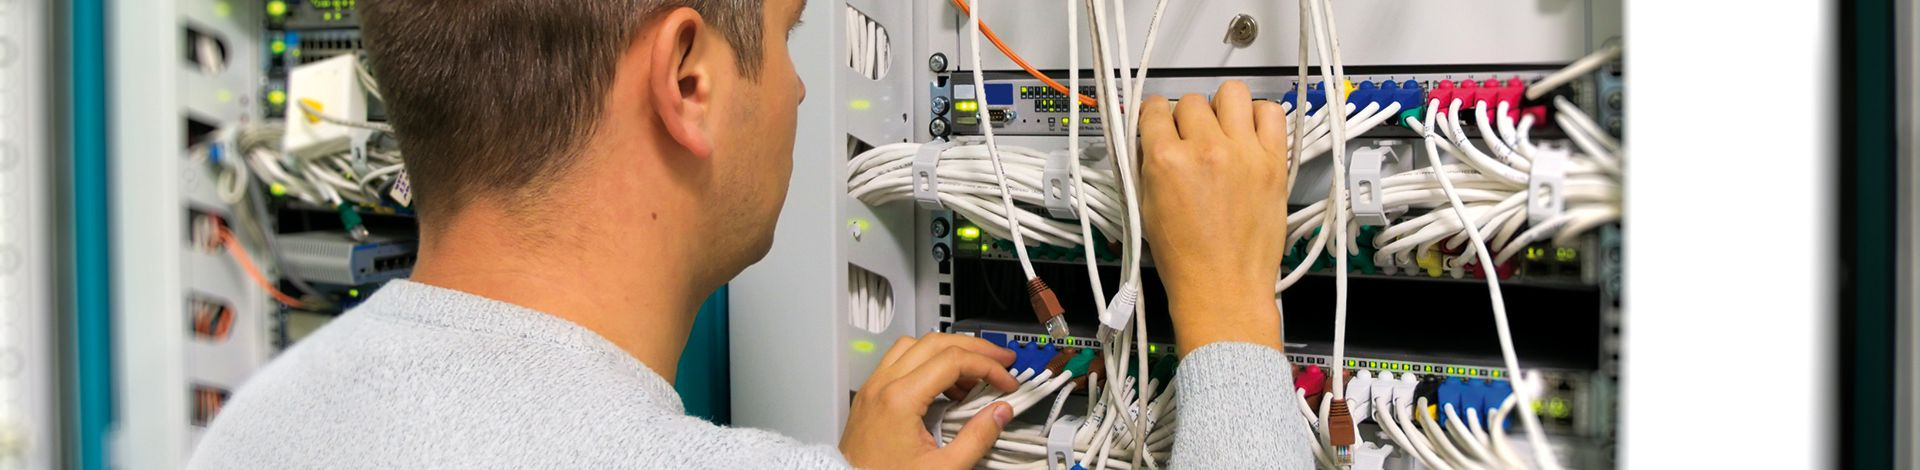 tele- en datacommunicatie